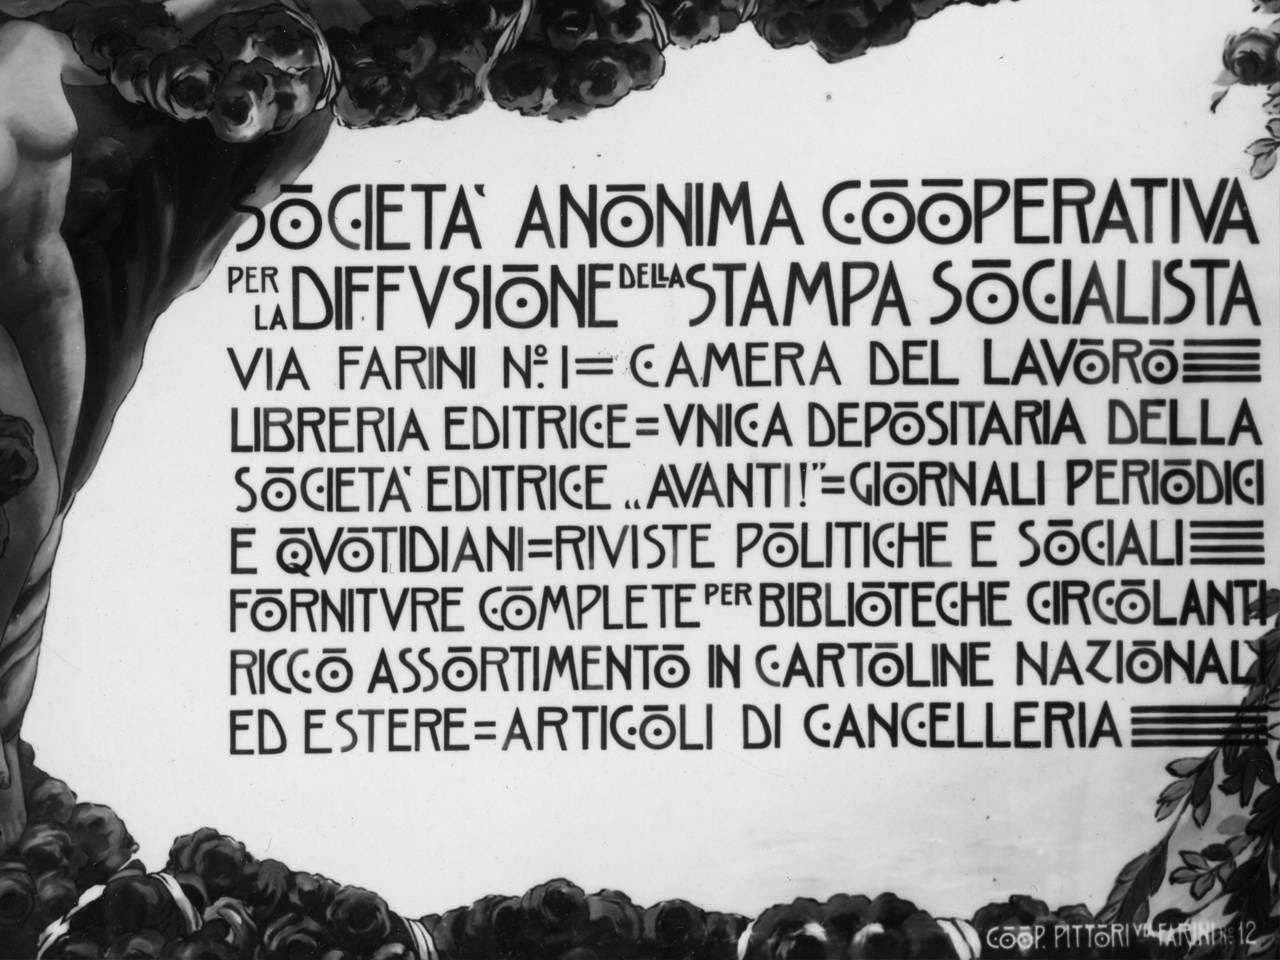 manifesto per la diffusione della stampa socialista, società anonima cooperativa 1916